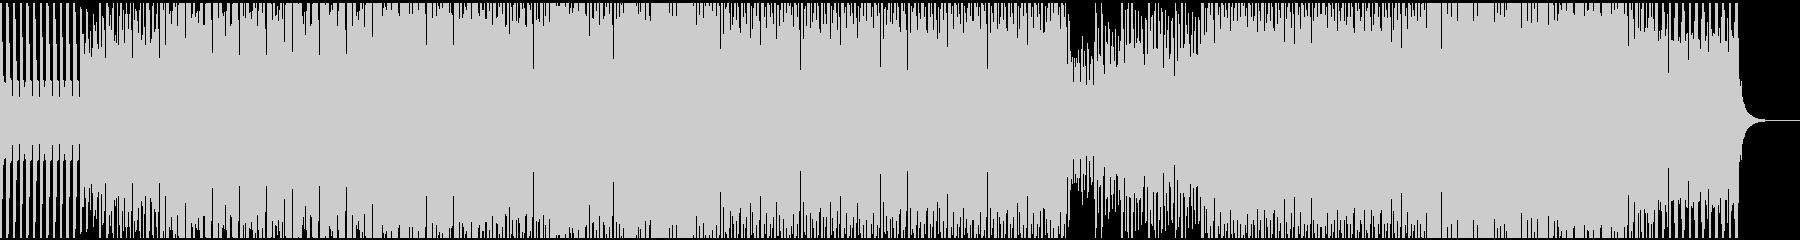 粛々と進む日常、毎日(テクノサウンド)の未再生の波形